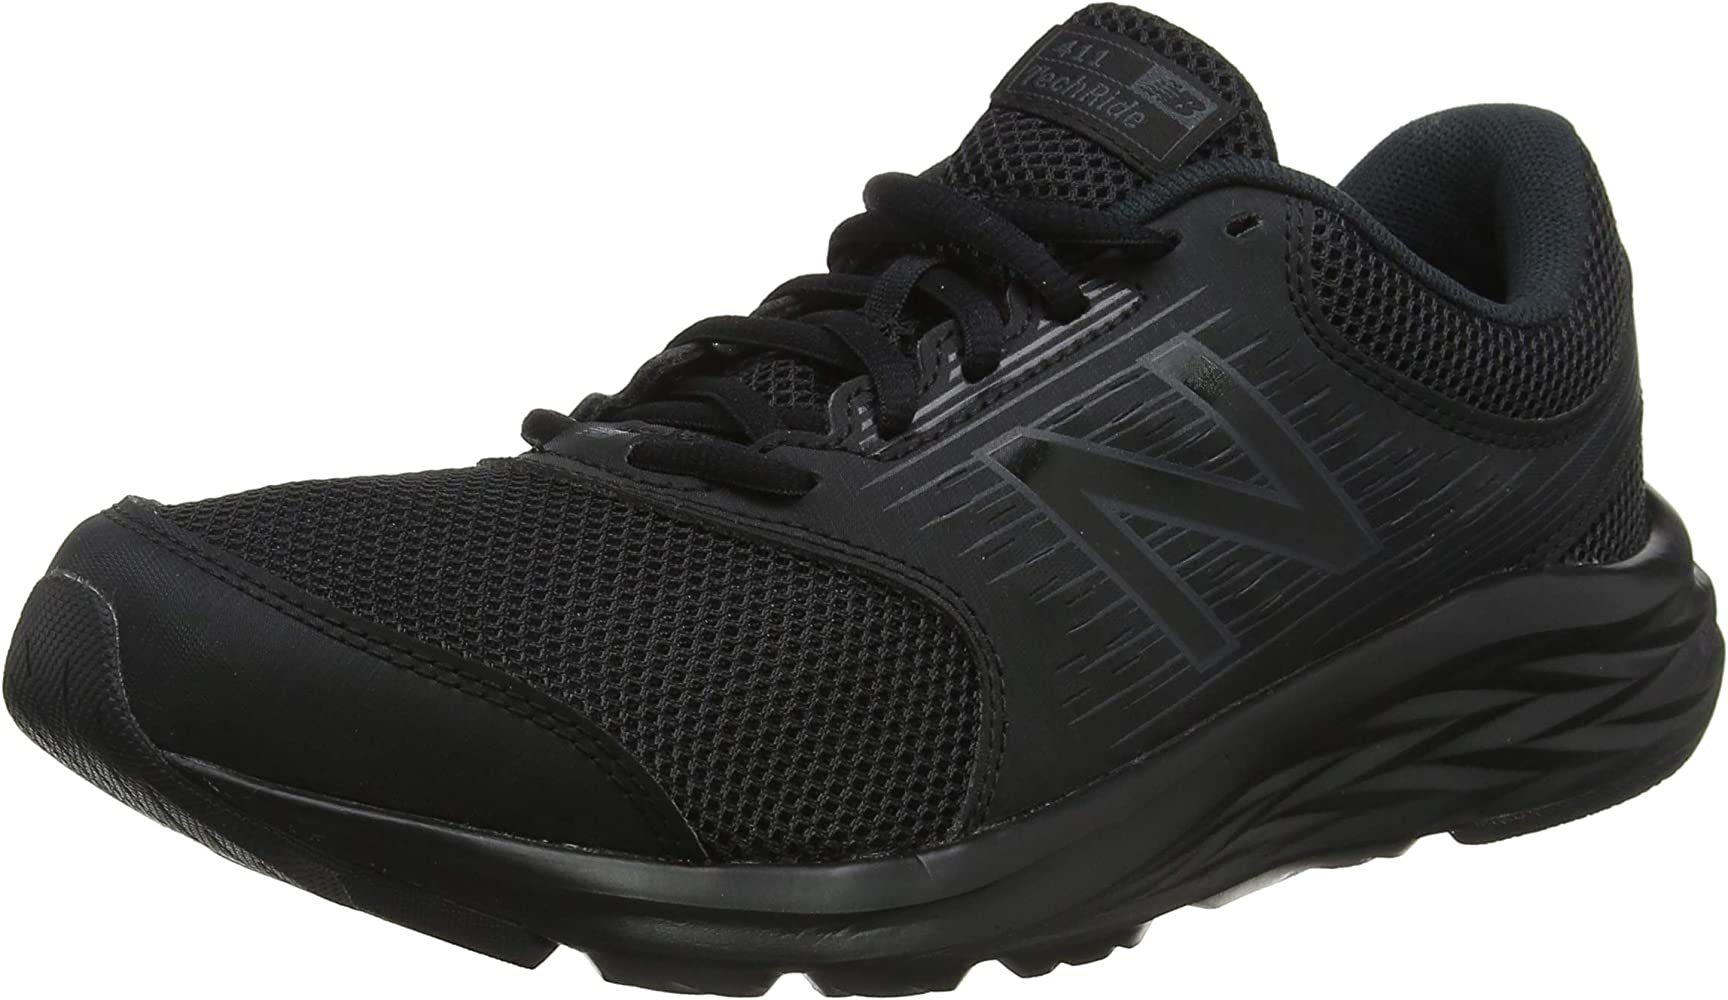 New Balance M411v1, Zapatillas de Running para Hombre, Negro Black ...